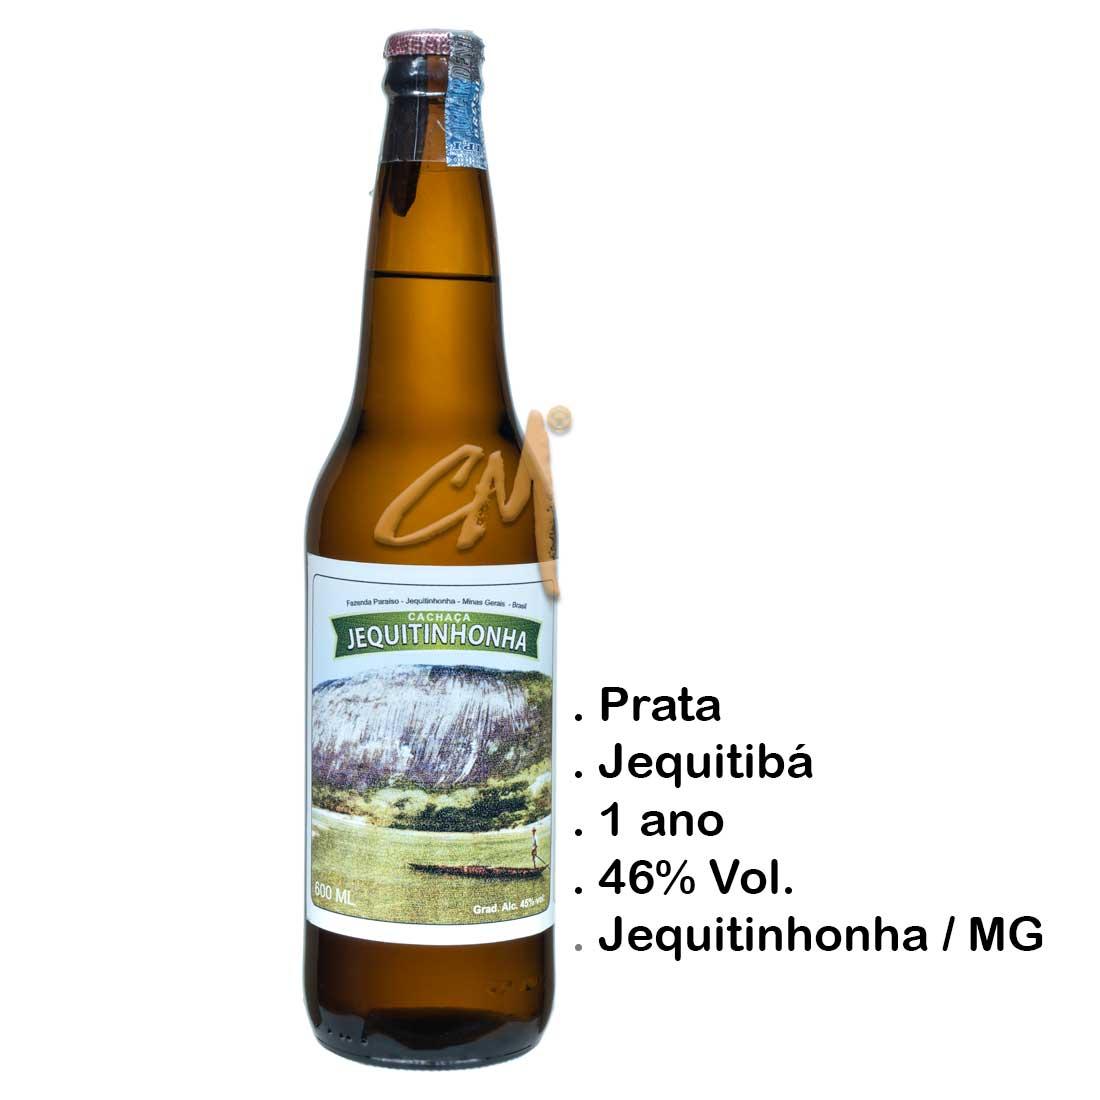 Cachaça Jequitinhonha 600 ml (Jequitinhonha - MG)